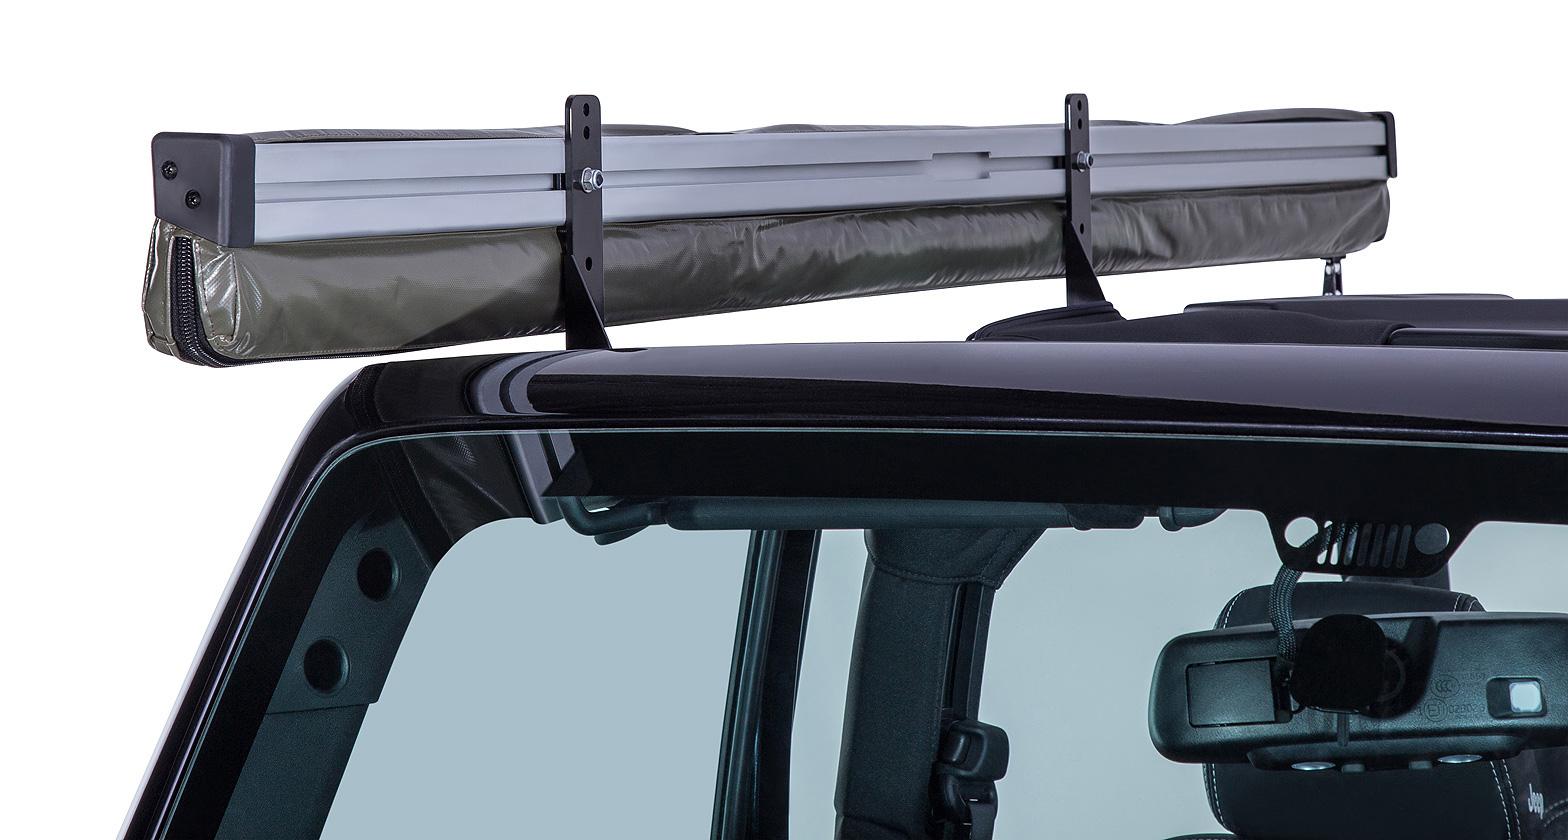 Sunseeker/Foxwing Eco Bracket Kit (Jeep Wrangler 2dr) - #32122 | Rhino-Rack  sc 1 st  Rhino-Rack & Sunseeker/Foxwing Eco Bracket Kit (Jeep Wrangler 2dr) - #32122 ...